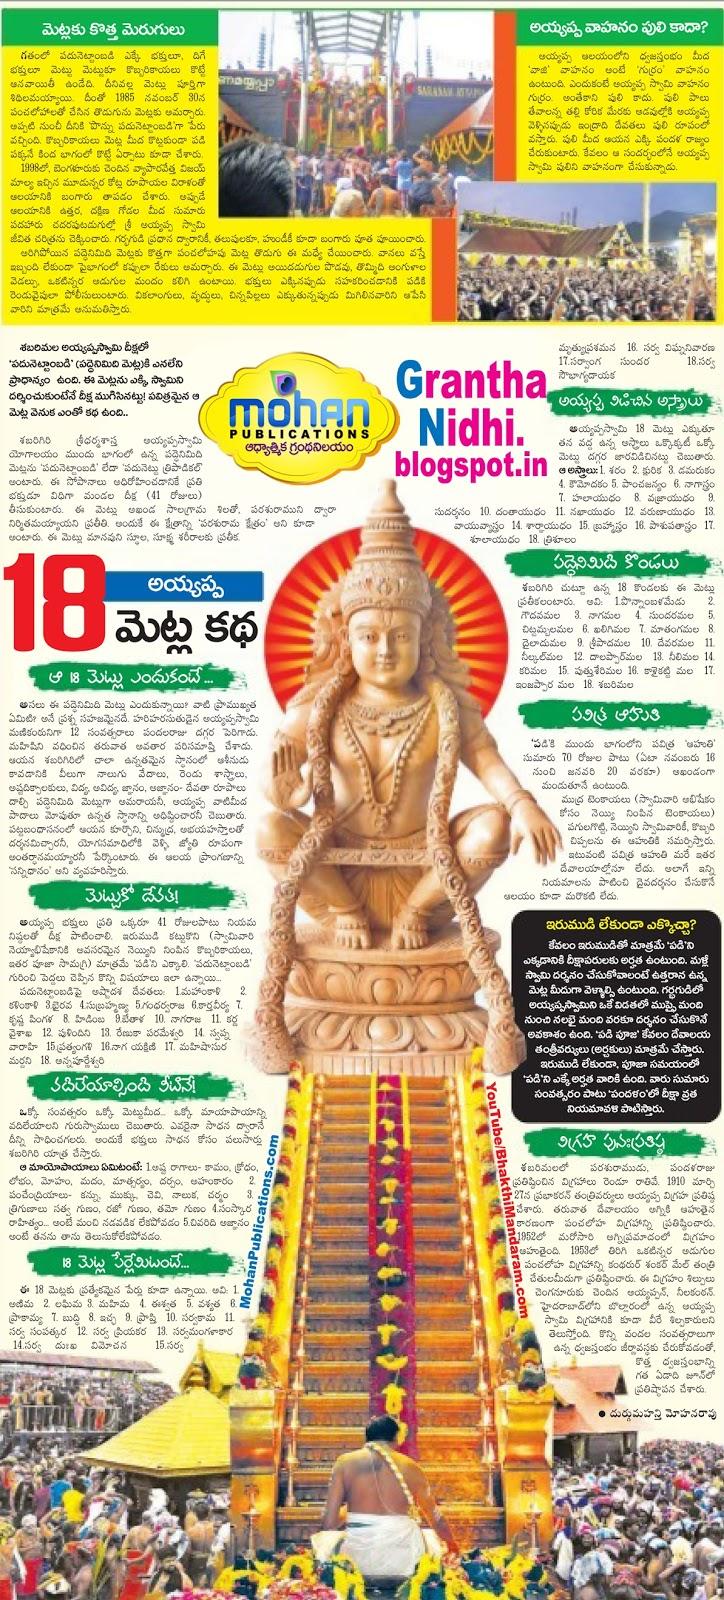 18 steps of Sabarimala temple ayyappa makarandam BhaktiPustakalu, Makarandam, Bhakthi Pustakalu, JYOTHISA,VASTU,MANTRA,TANTRA,YANTRA,RASIPALITALU,BHAKTI,LEELA,BHAKTHI SONGS,BHAKTHI,LAGNA,PURANA,NOMULU,VRATHAMULU,POOJALU, KALABHAIRAVAGURU,SAHASRANAMAMULU,KAVACHAMULU,ASHTORAPUJA,KALASAPUJALU,KUJA DOSHA,DASAMAHAVIDYA,SADHANALU,MOHAN PUBLICATIONS,RAJAHMUNDRY BOOK STORE,BOOKS,DEVOTIONAL BOOKS,KALABHAIRAVA GURU,KALABHAIRAVA,RAJAMAHENDRAVARAM,GODAVARI,GOWTHAMI,FORTGATE,KOTAGUMMAM,GODAVARI RAILWAY STATION,PRINT BOOKS,E BOOKS,PDF BOOKS,FREE PDF BOOKS,BHAKTHI MANDARAM,GRANTHANIDHI,GRANDANIDI,GRANDHANIDHI